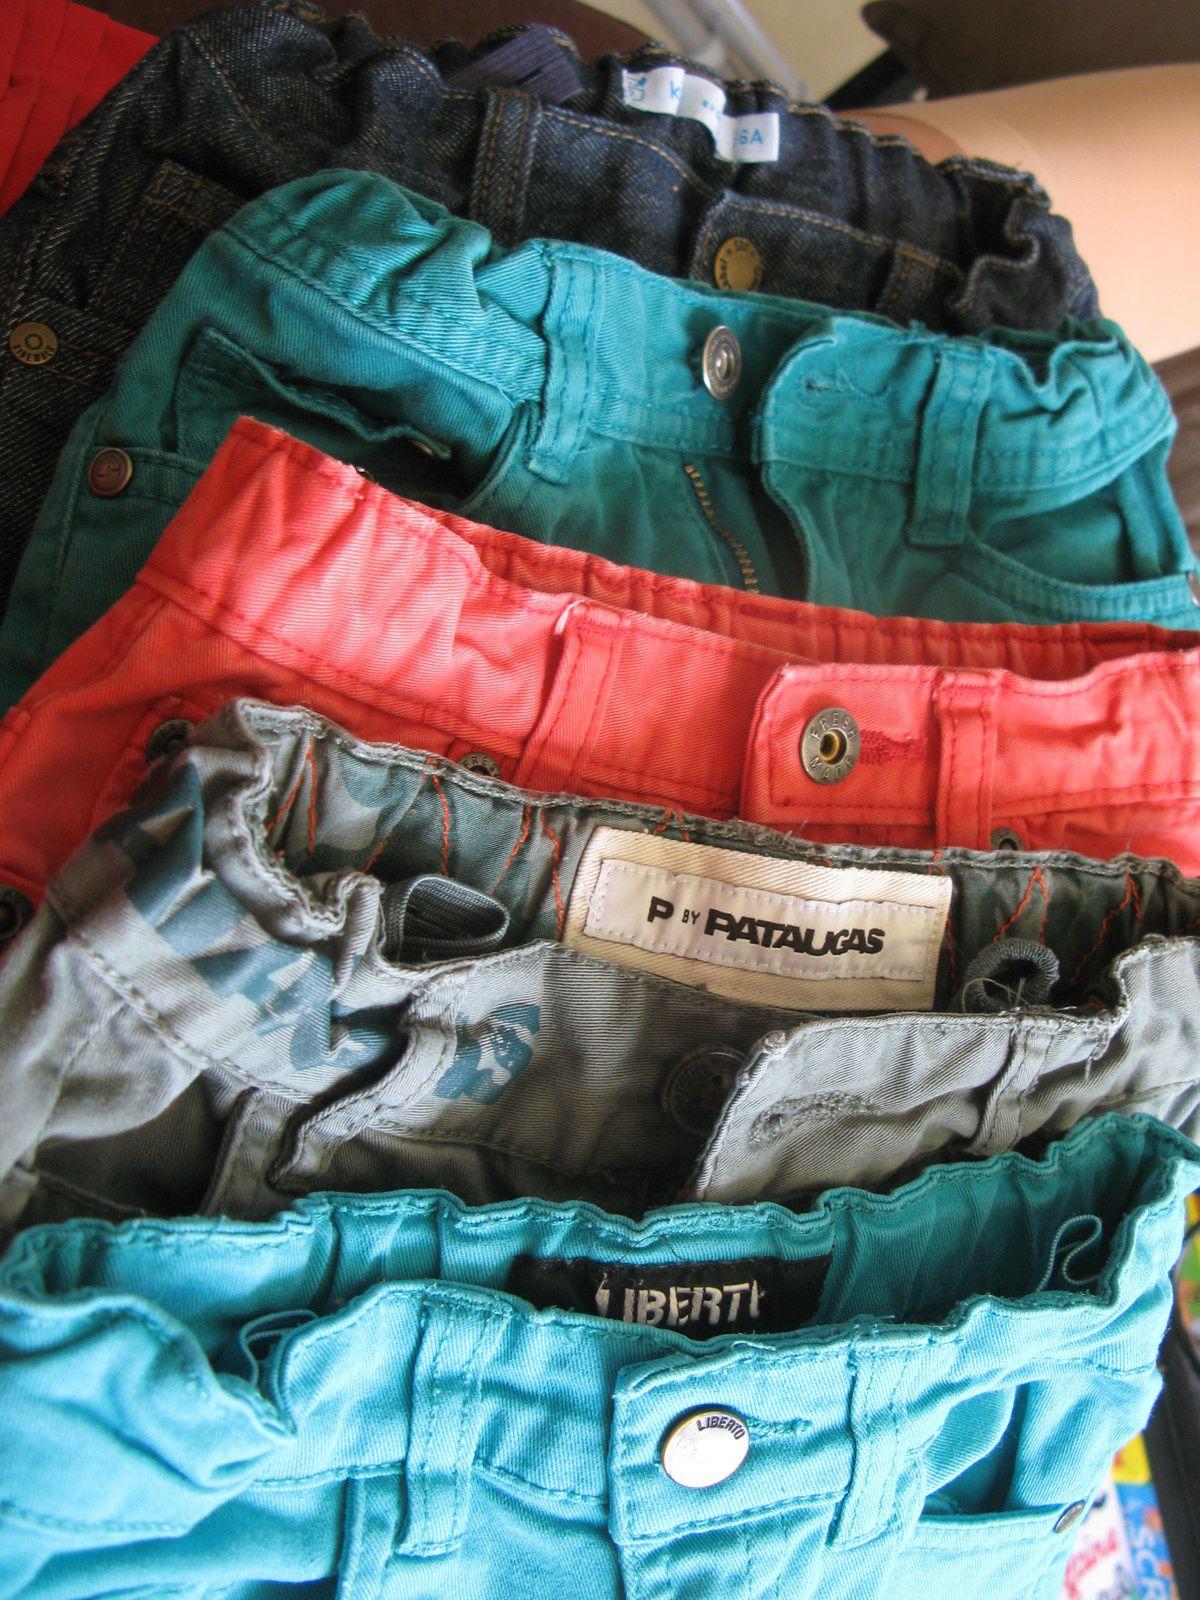 faire des bermudas shorts avec des pantalons - couture charlotteblabla